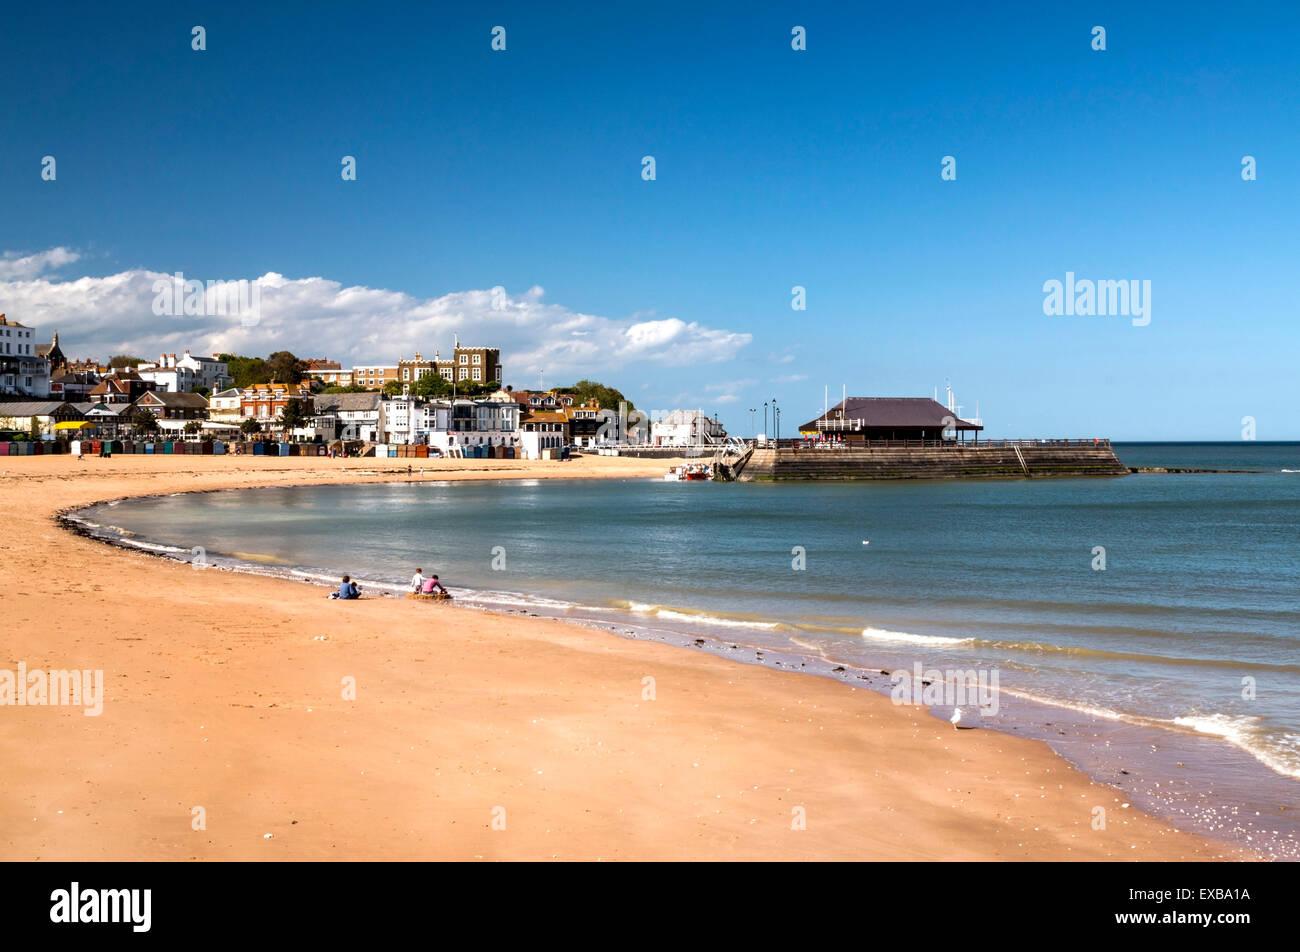 Viking bay beach. - Stock Image